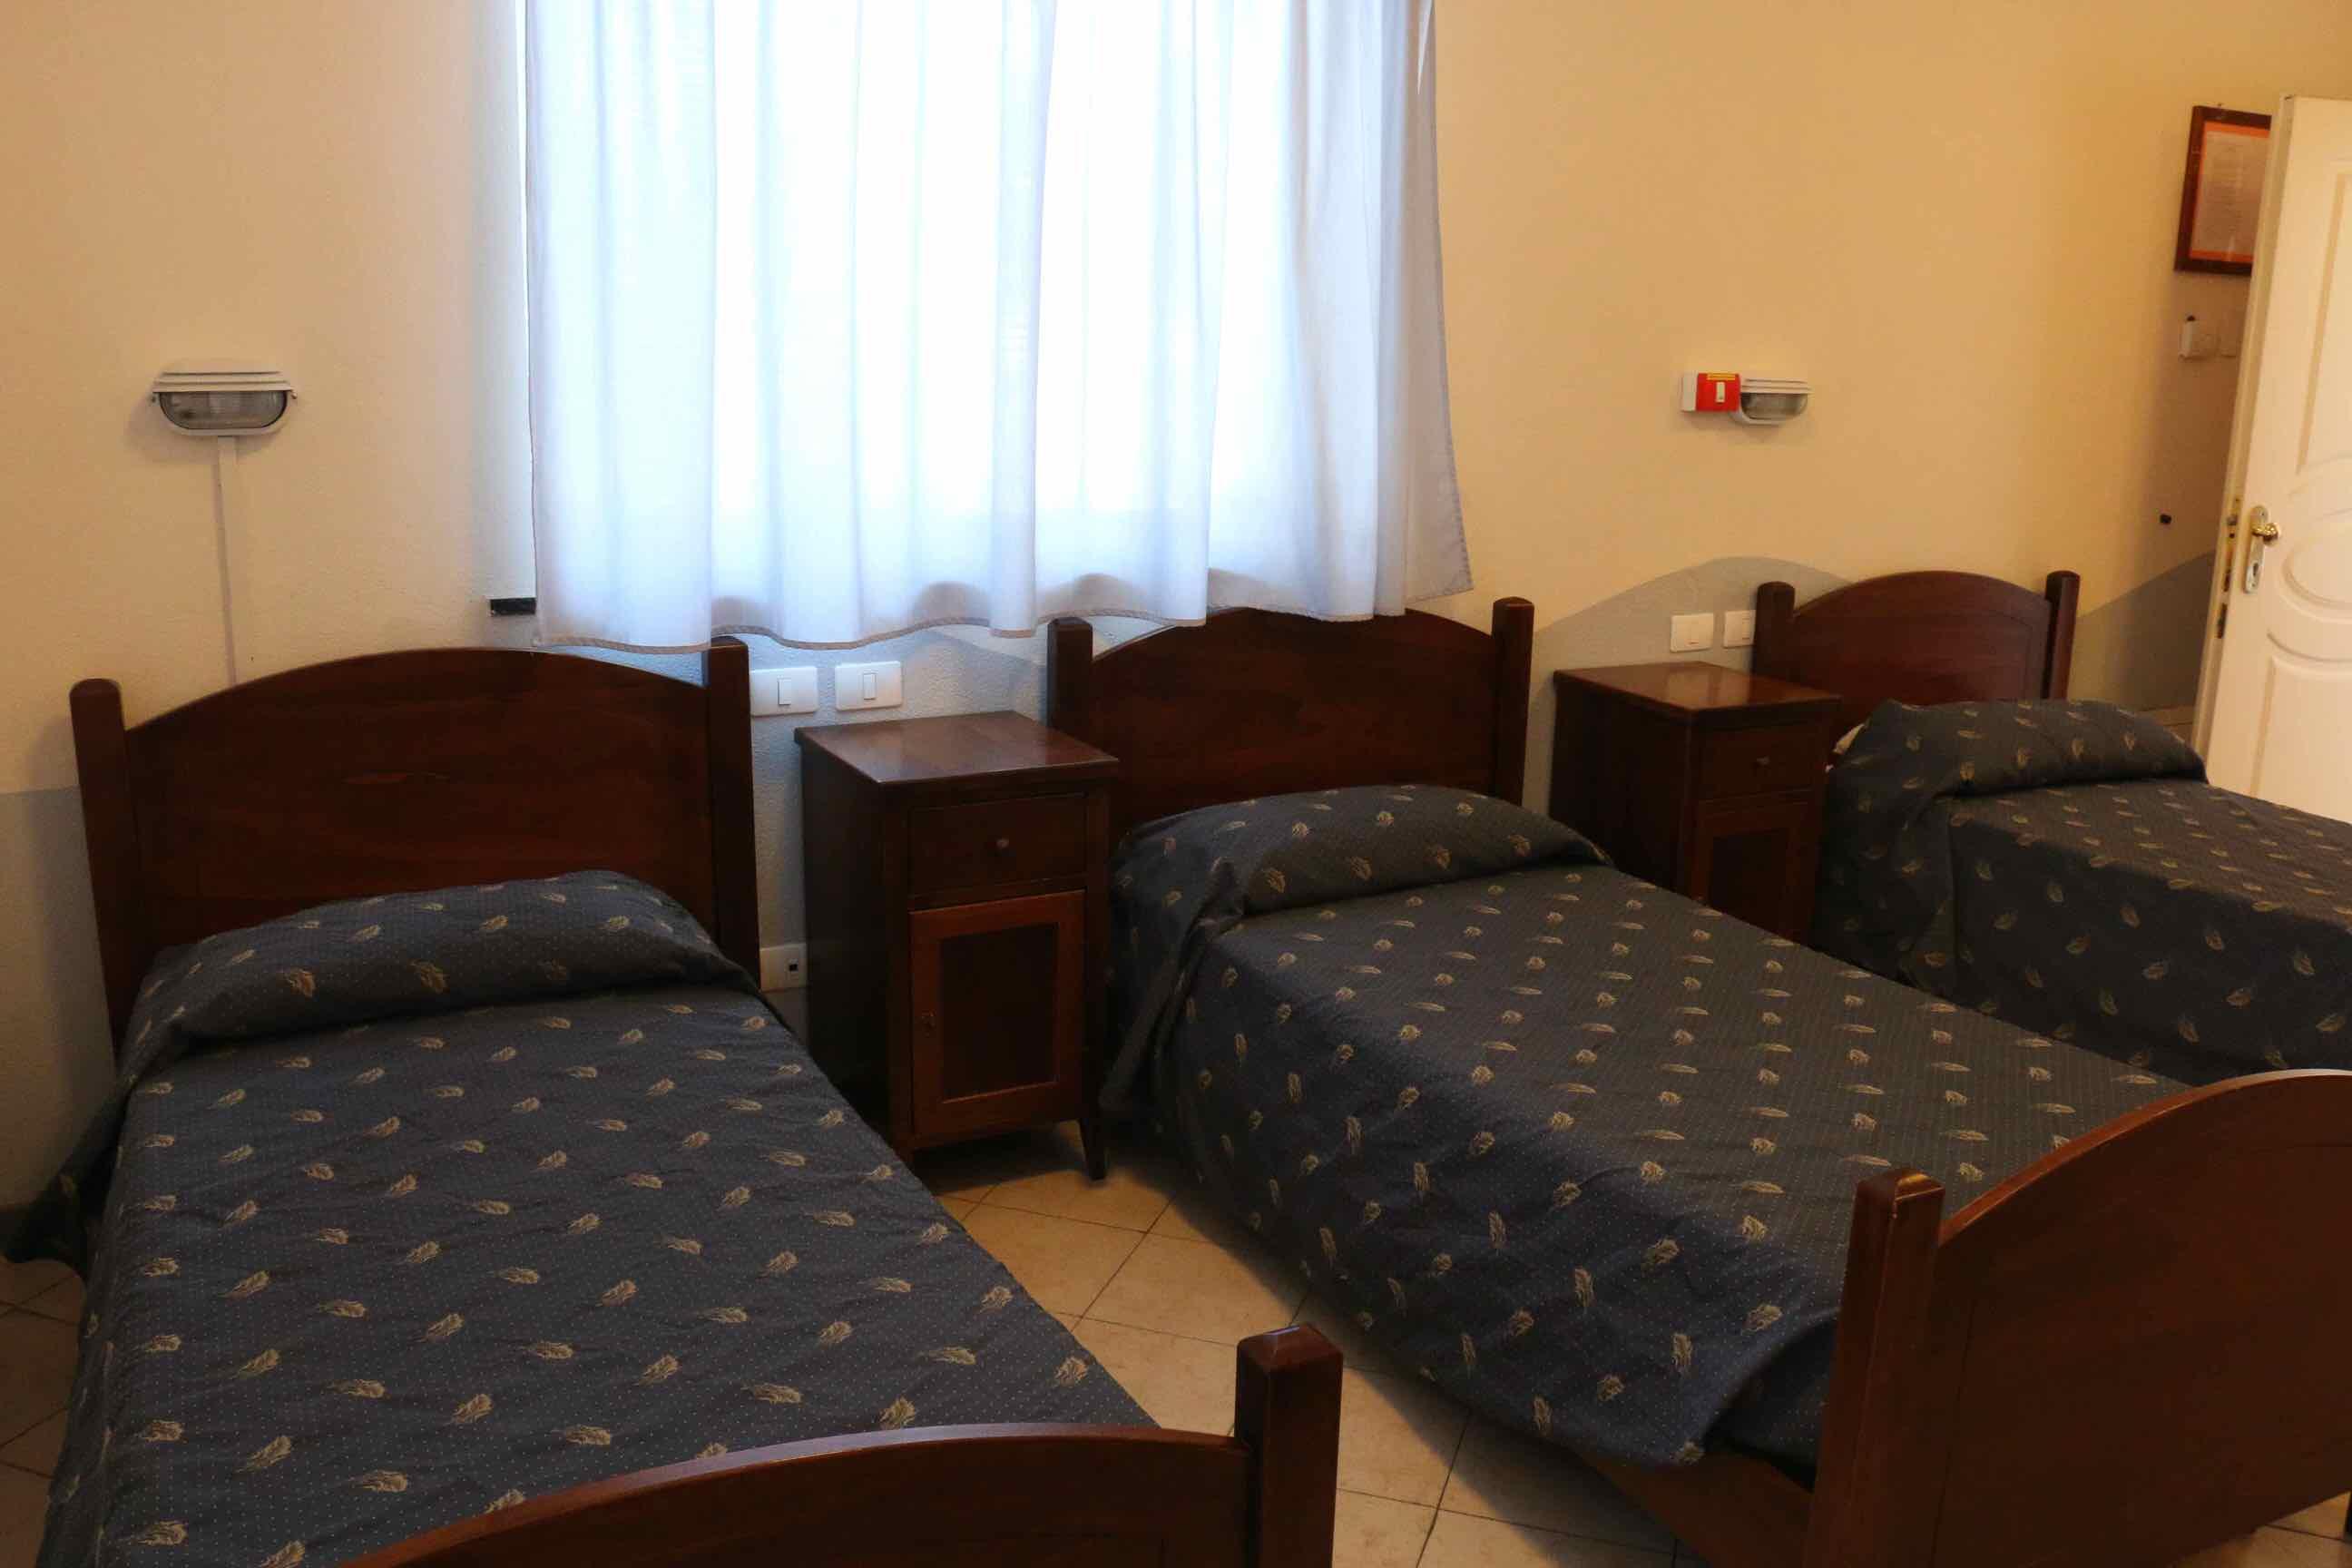 Casa per Ferie Villaggio Ospitale - Centro San Salvatore Villaggio del Ragazzo - 1